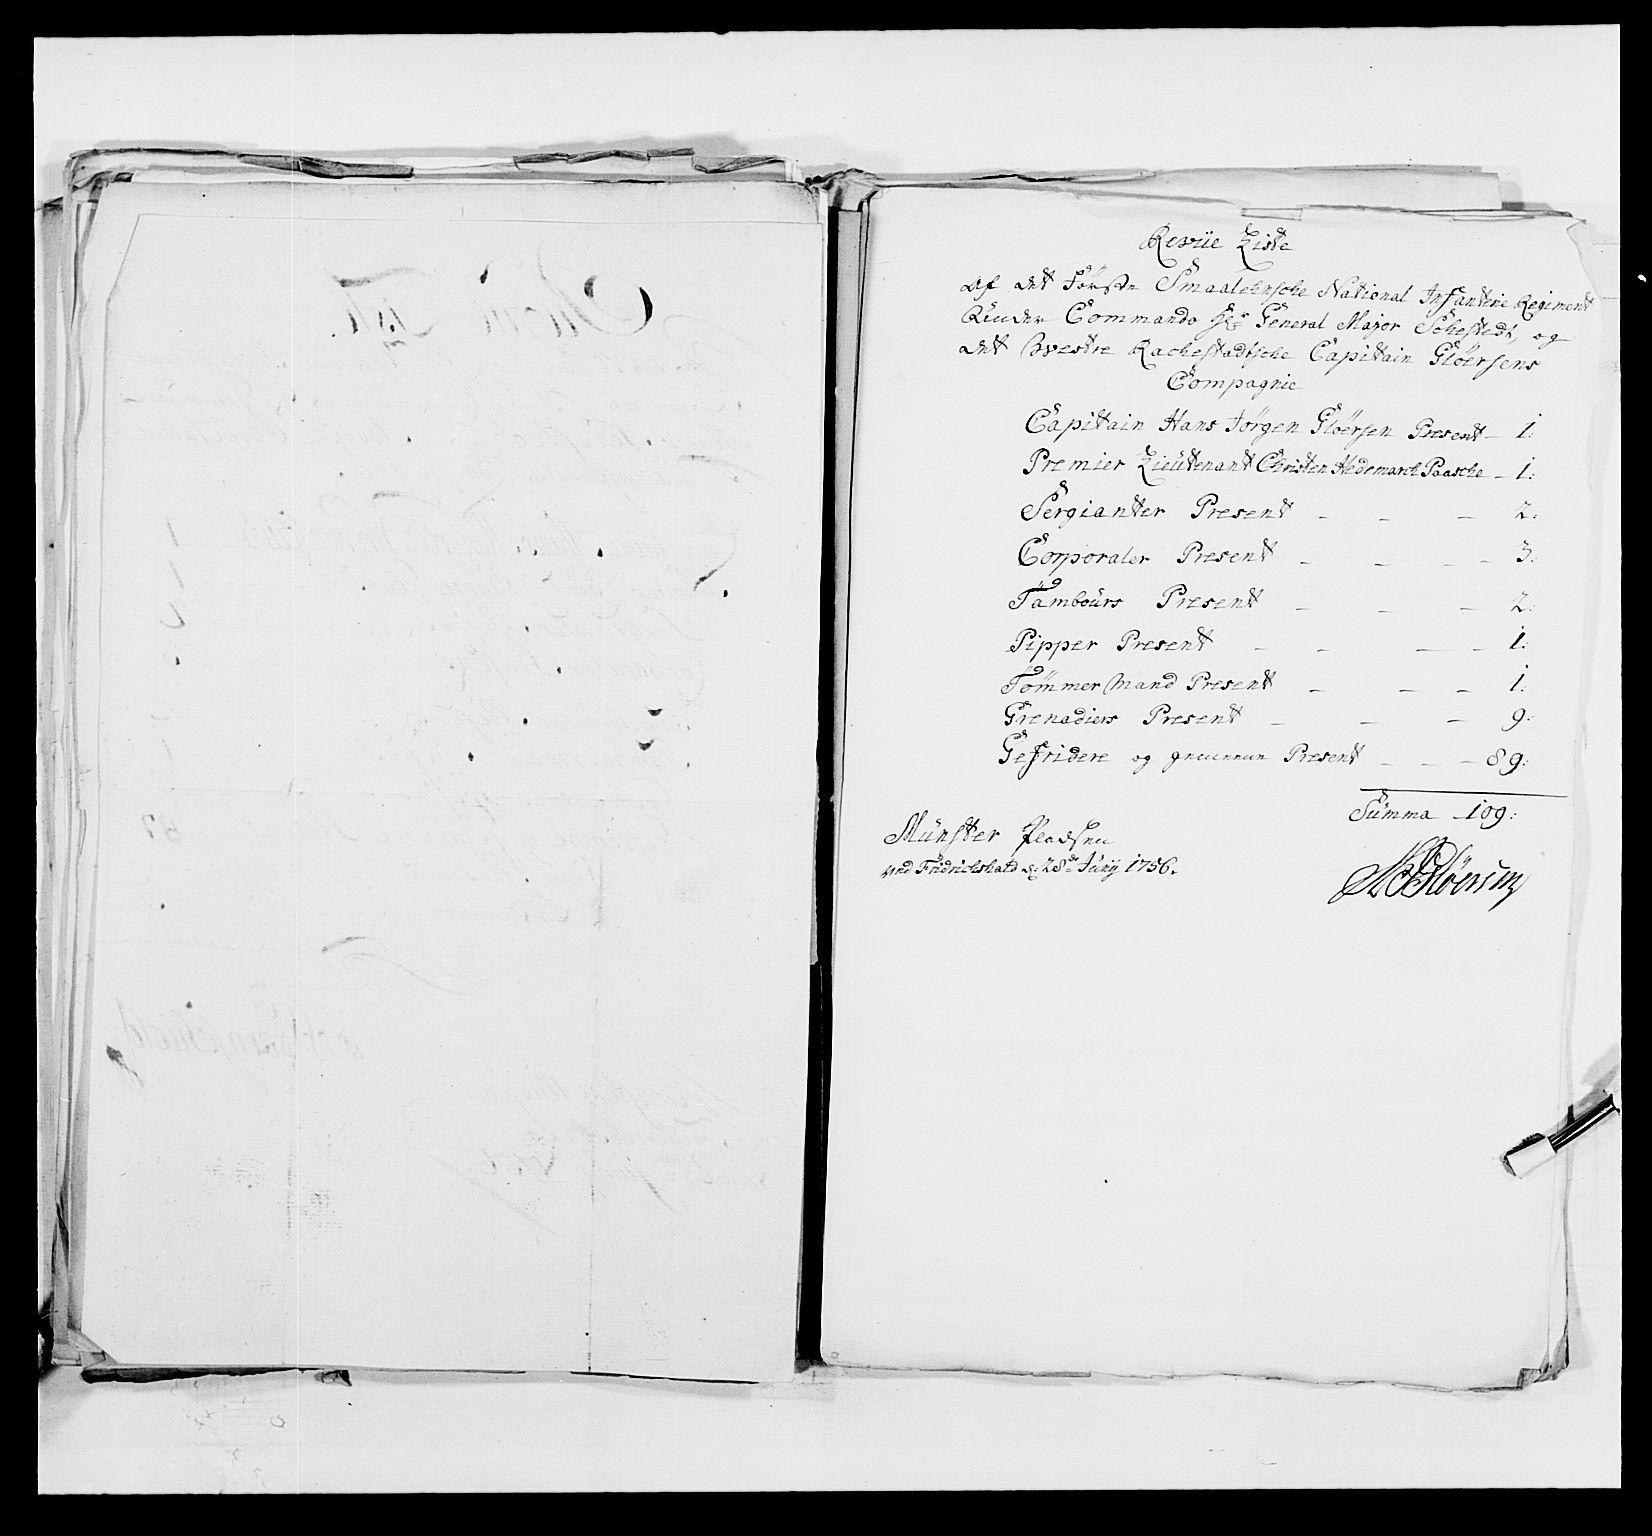 RA, Kommanderende general (KG I) med Det norske krigsdirektorium, E/Ea/L0495: 1. Smålenske regiment, 1732-1763, s. 623